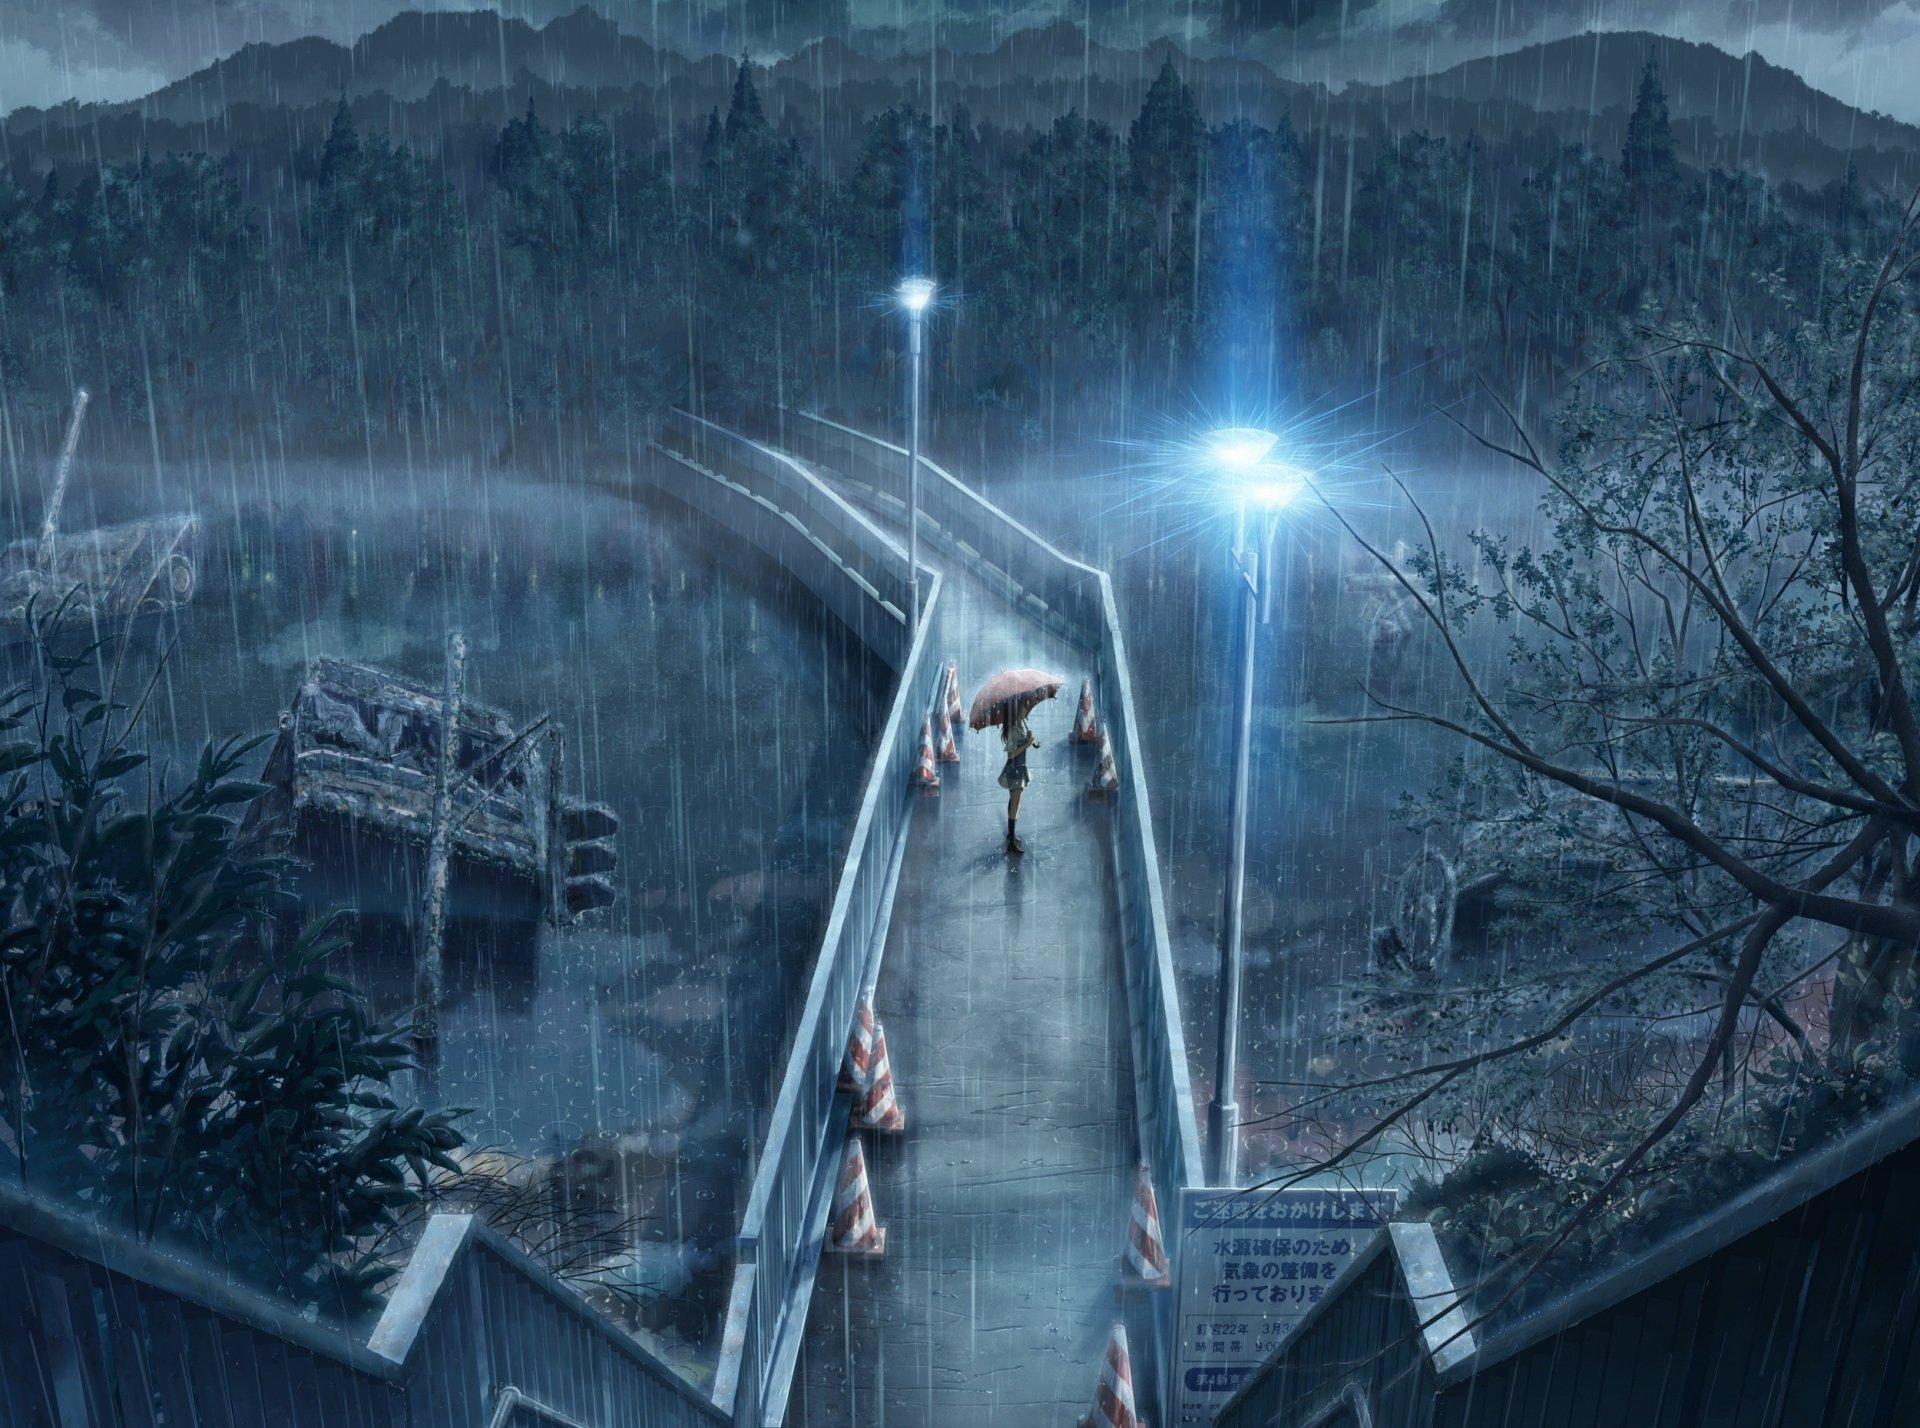 """Обои на которых есть """"Тактический фонарь"""" для Android ...  Дождливый Город Картина"""